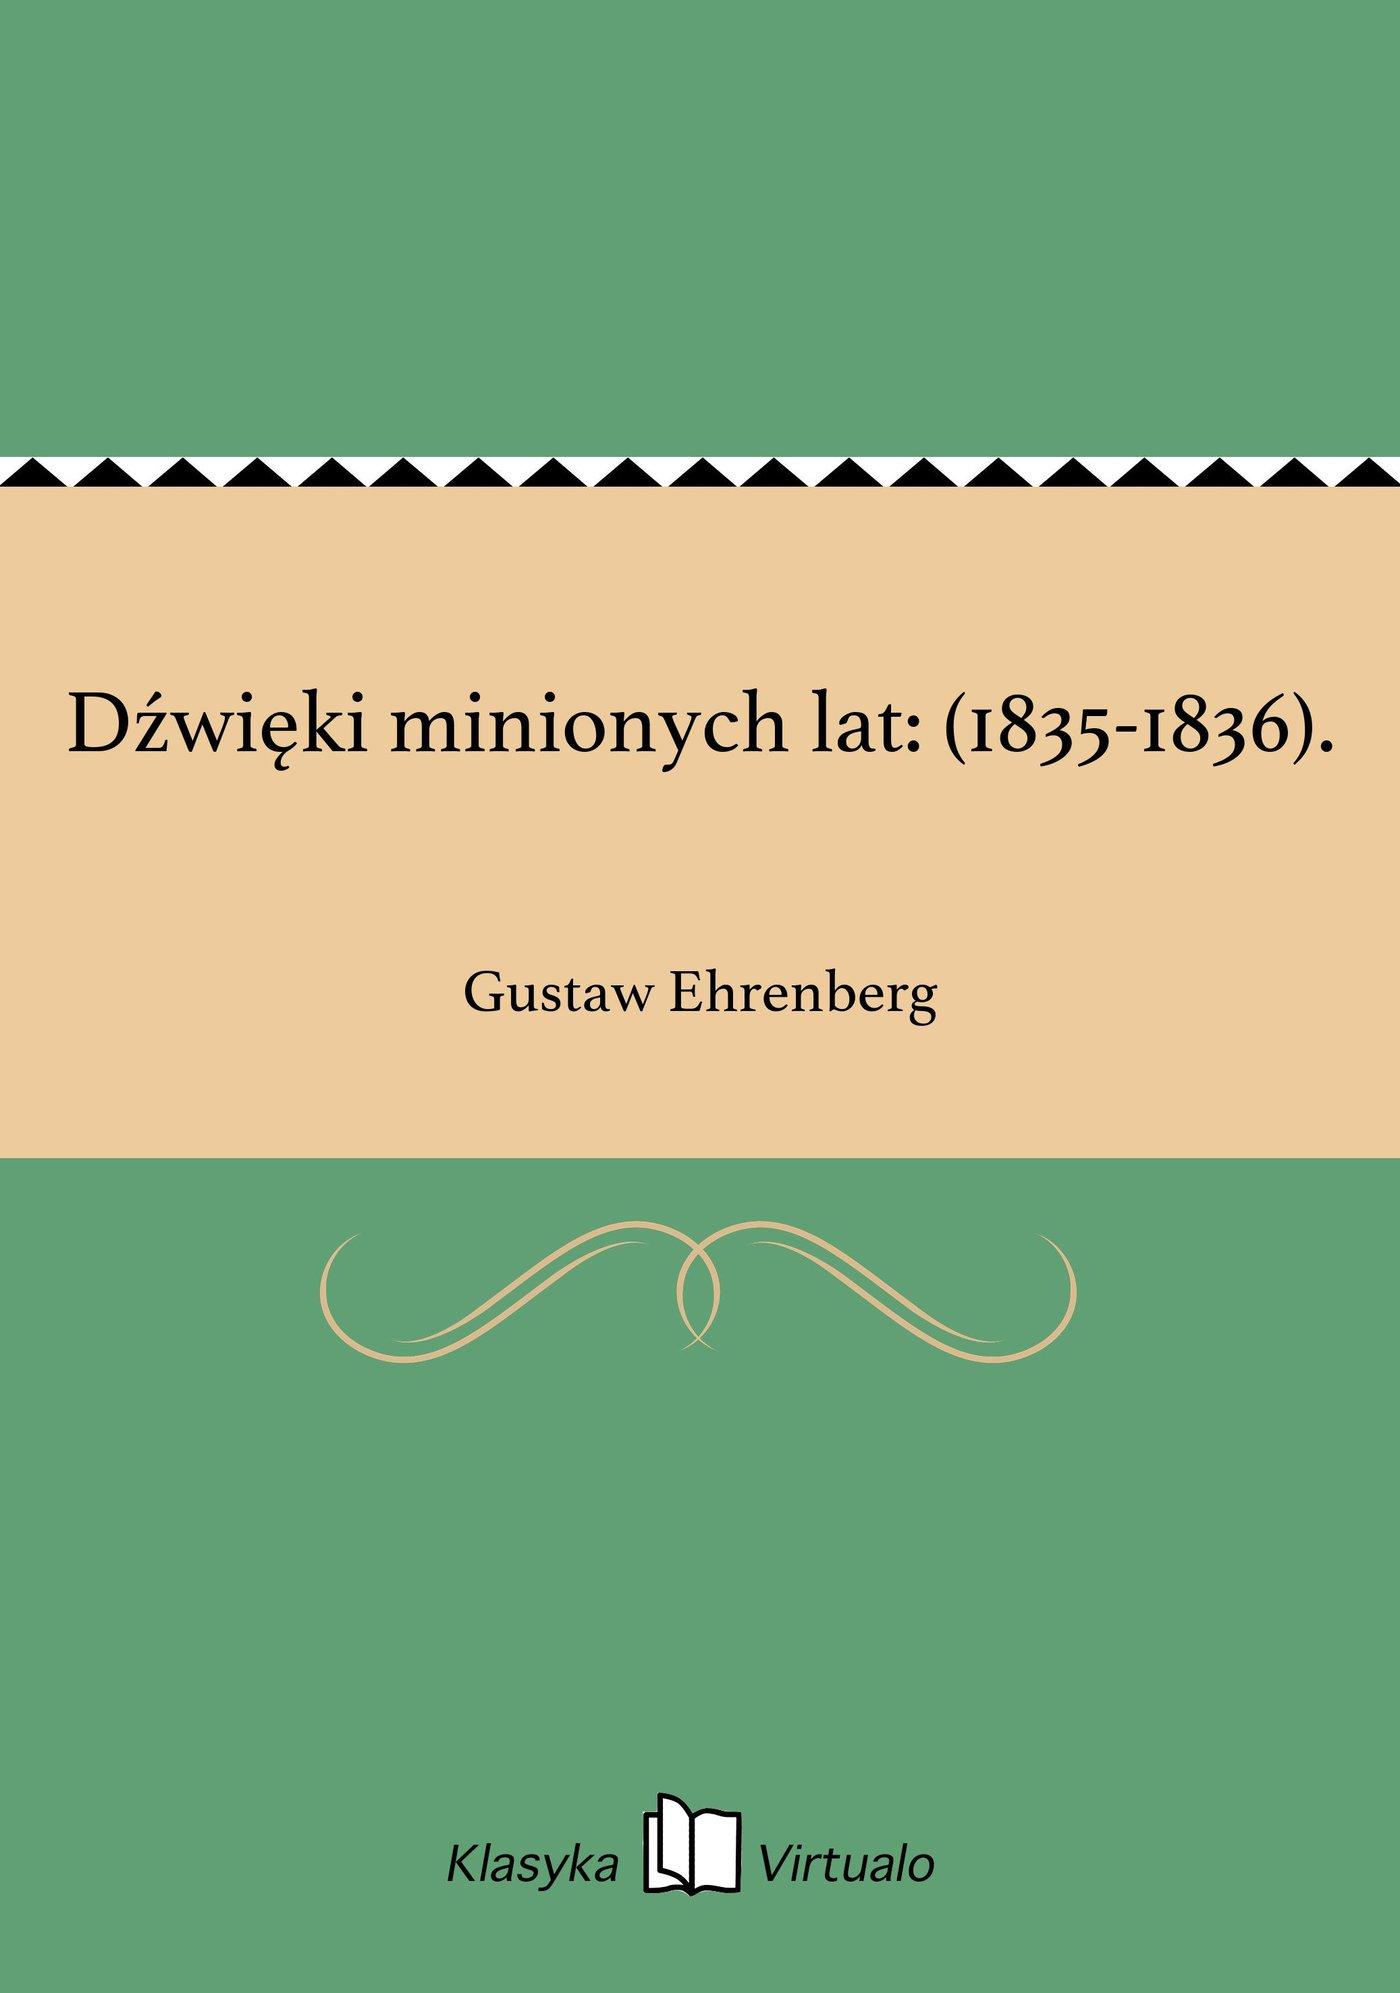 Dźwięki minionych lat: (1835-1836). - Ebook (Książka na Kindle) do pobrania w formacie MOBI